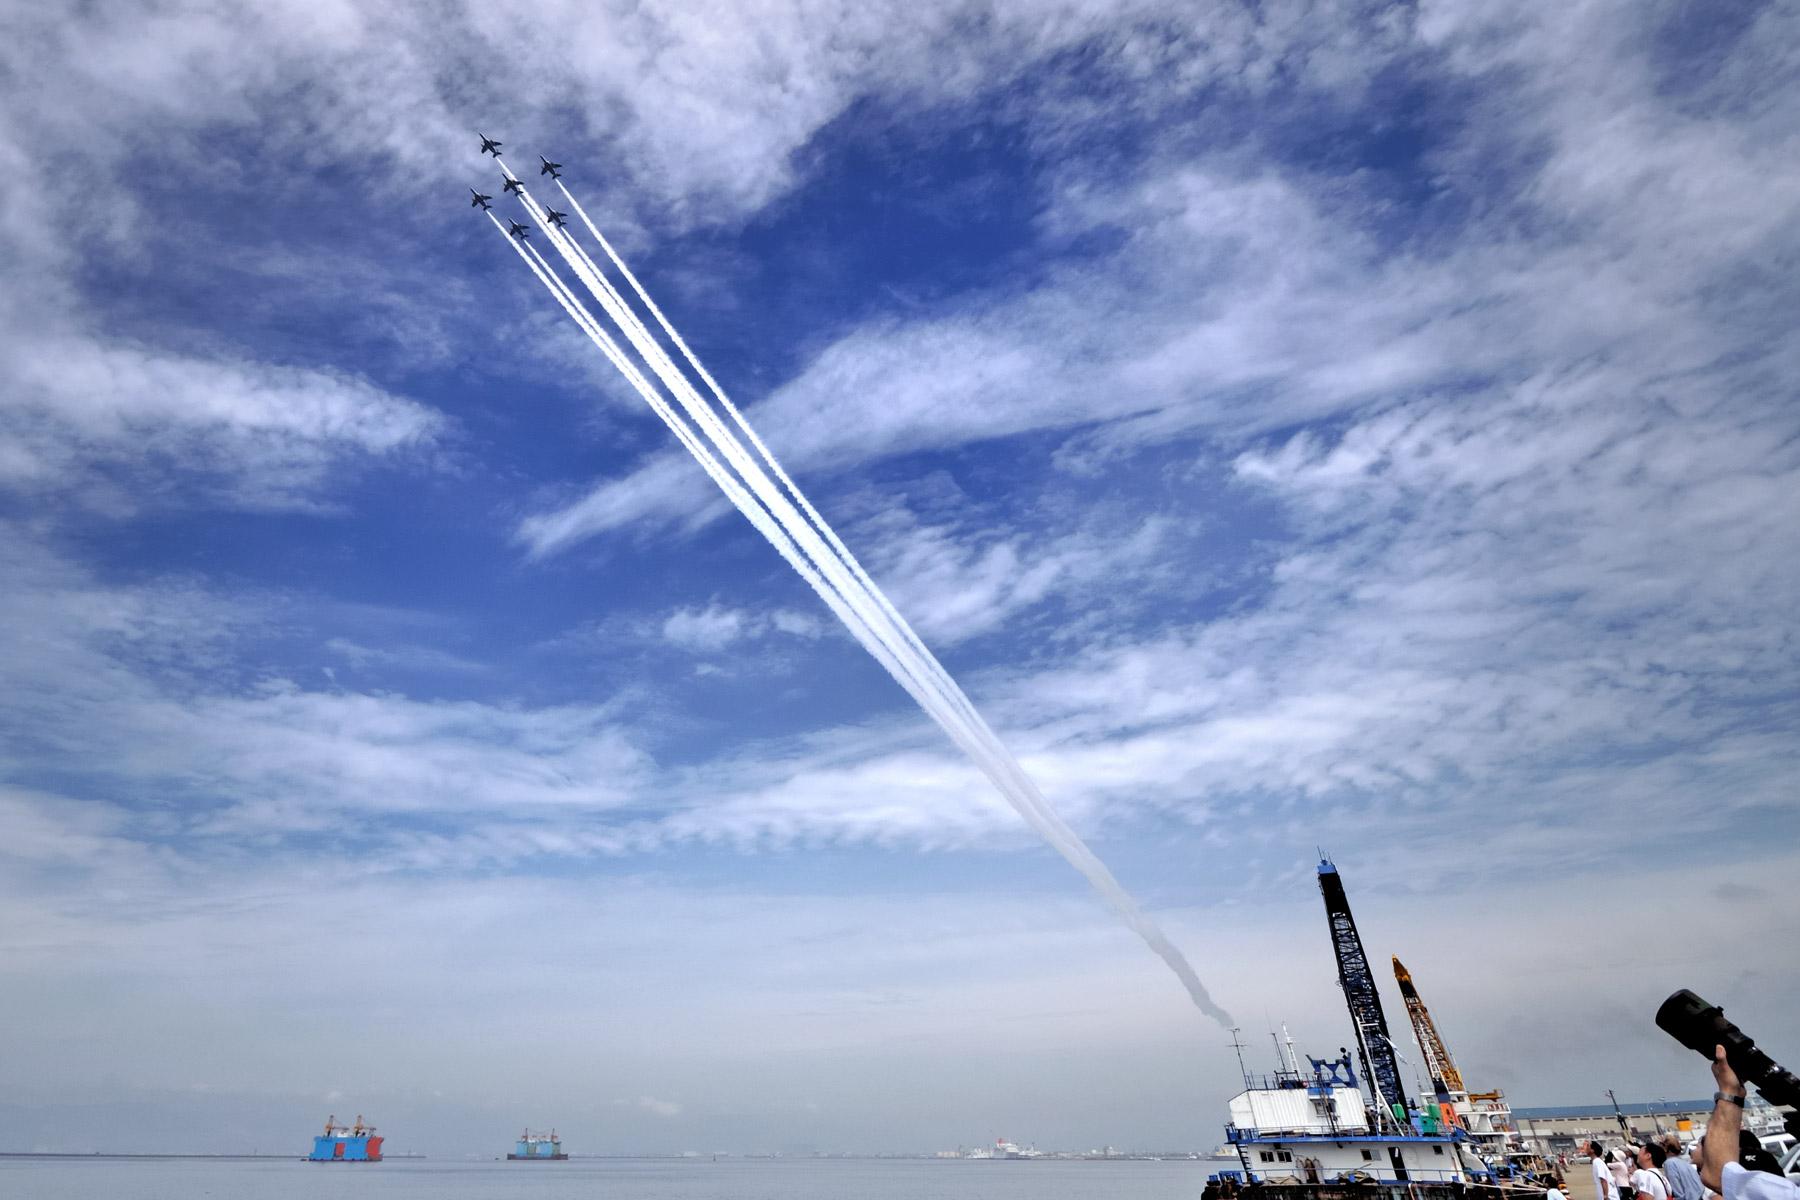 函館湾上空でリハーサル中のブルーインパルス6機編隊 雲の多い青空を貫く6本の白いラインが鮮やか